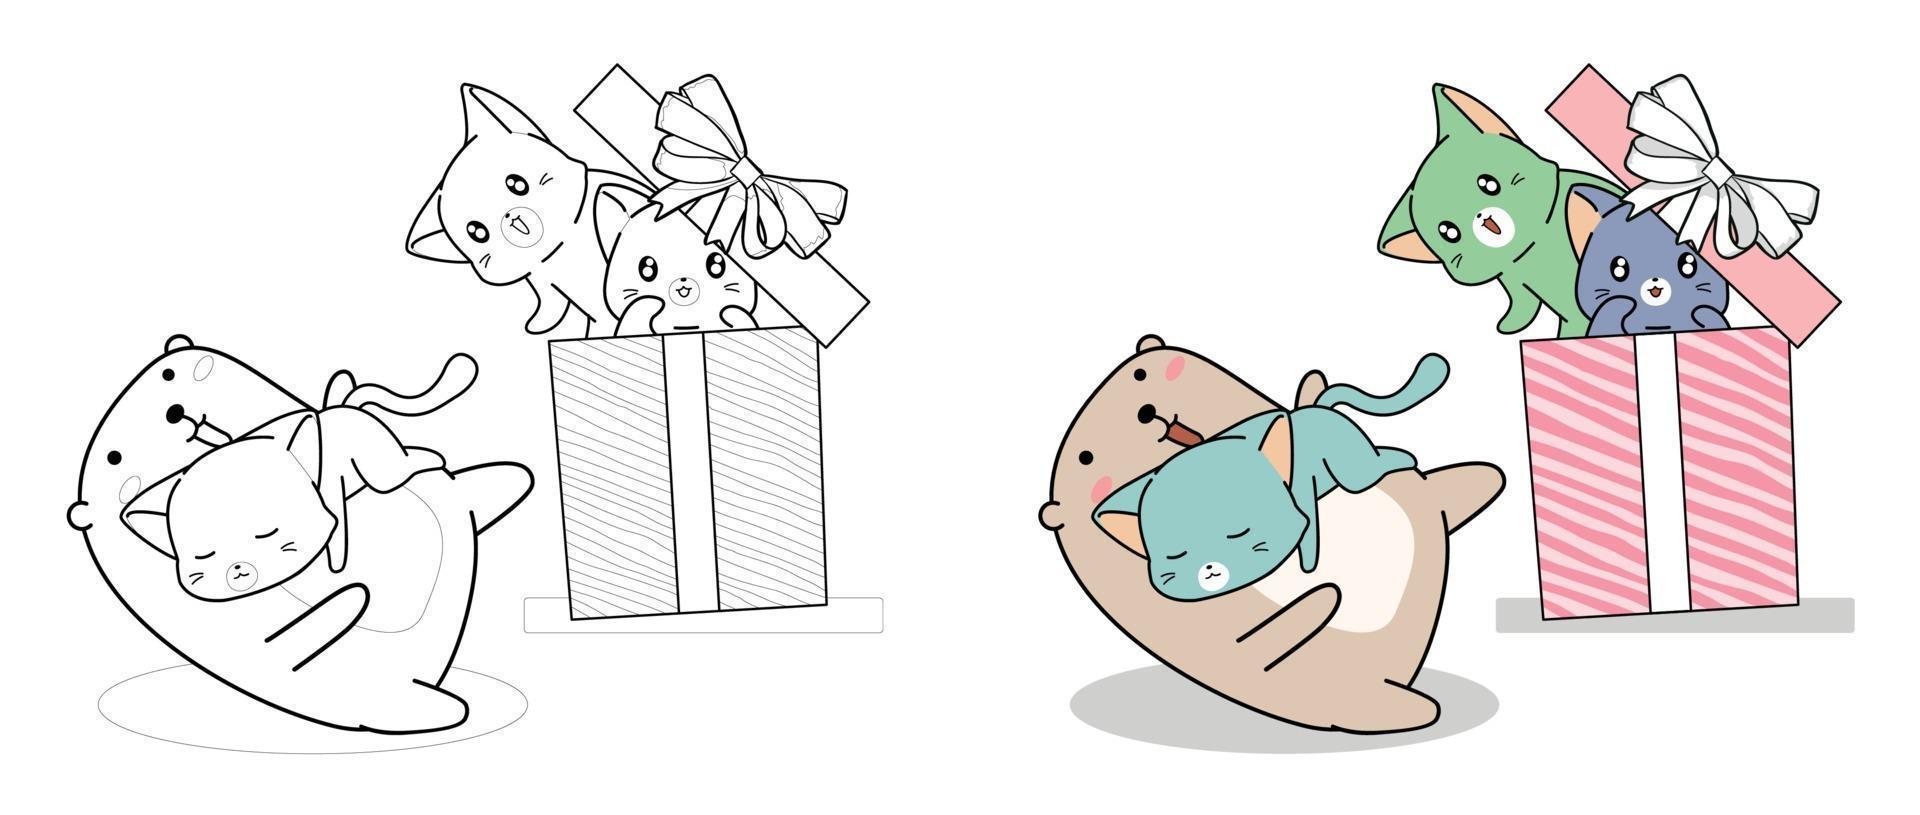 kawaiibjörn och katter i presentförpackningen, tecknad målarbok för barn vektor